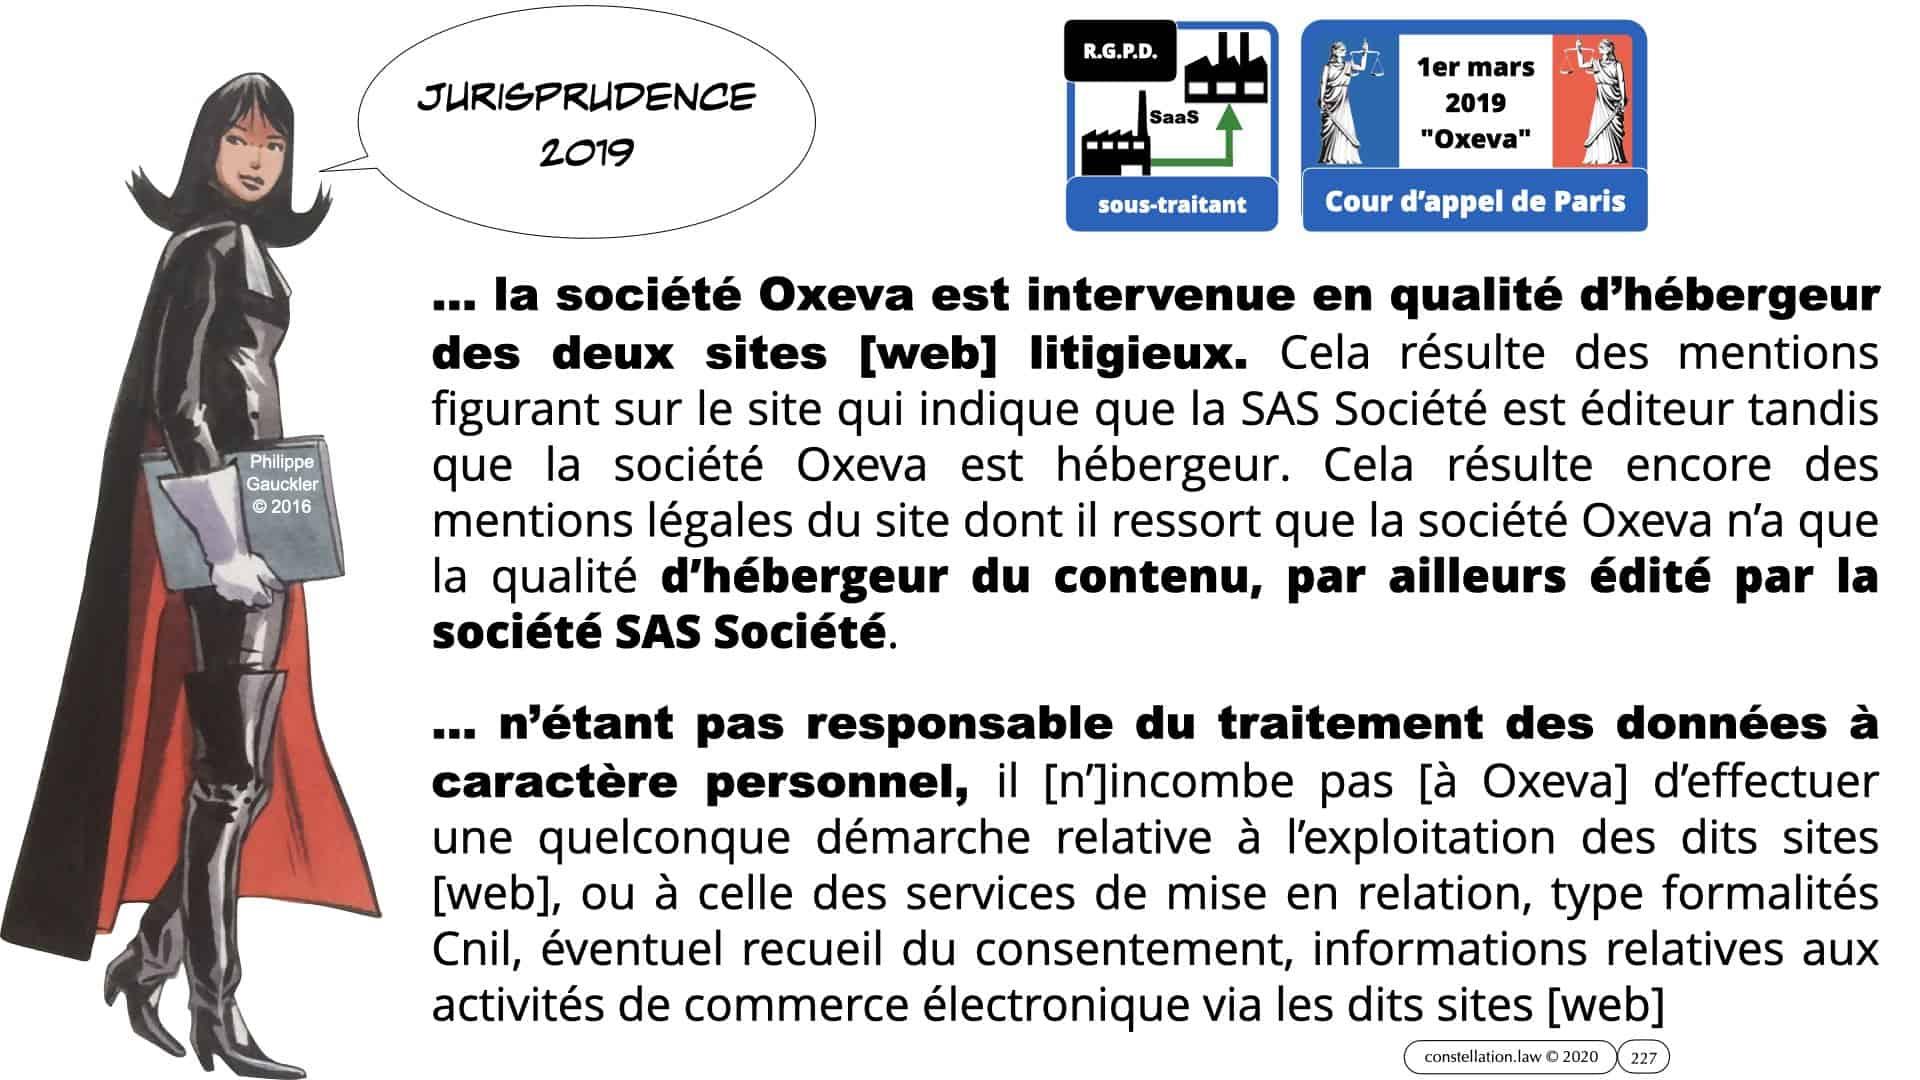 RGPD e-Privacy données personnelles jurisprudence formation Lamy Les Echos 10-02-2021 ©Ledieu-Avocats.227